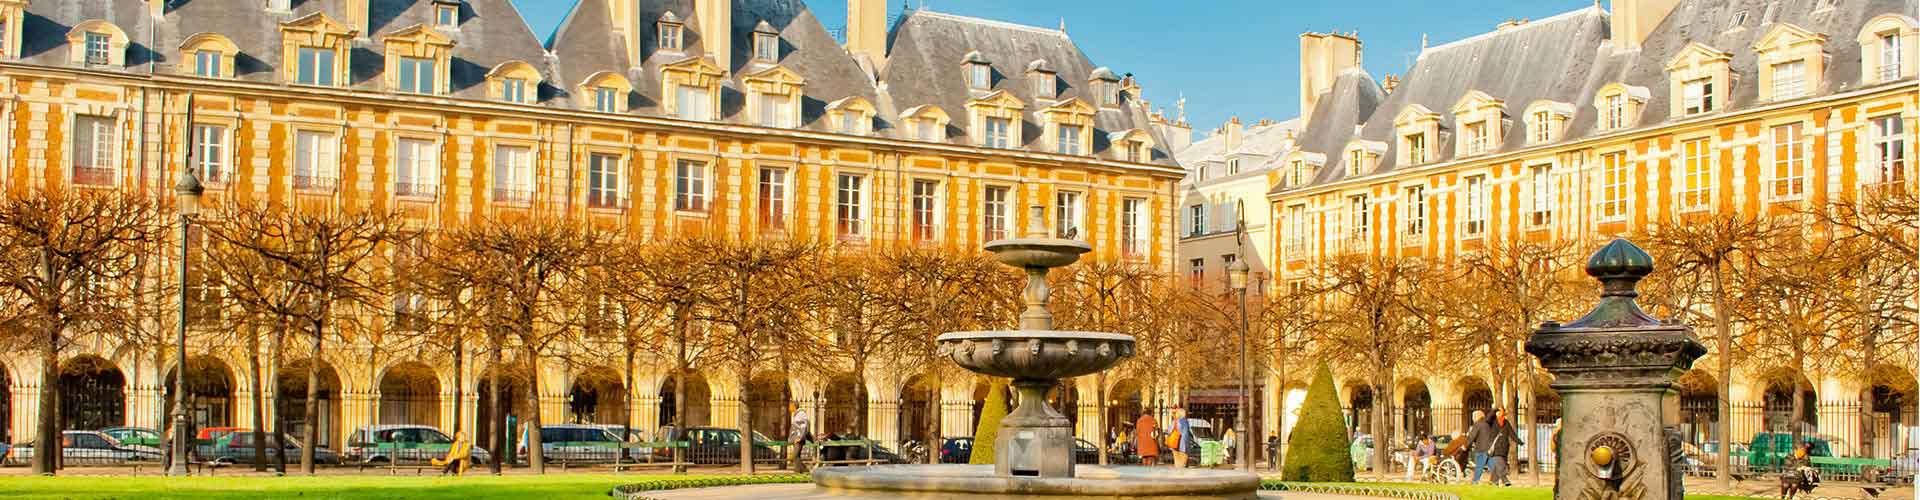 Paris - Hôtels près de Place Vendôme. Cartes pour Paris, photos et commentaires pour chaque Hôtel à Paris.